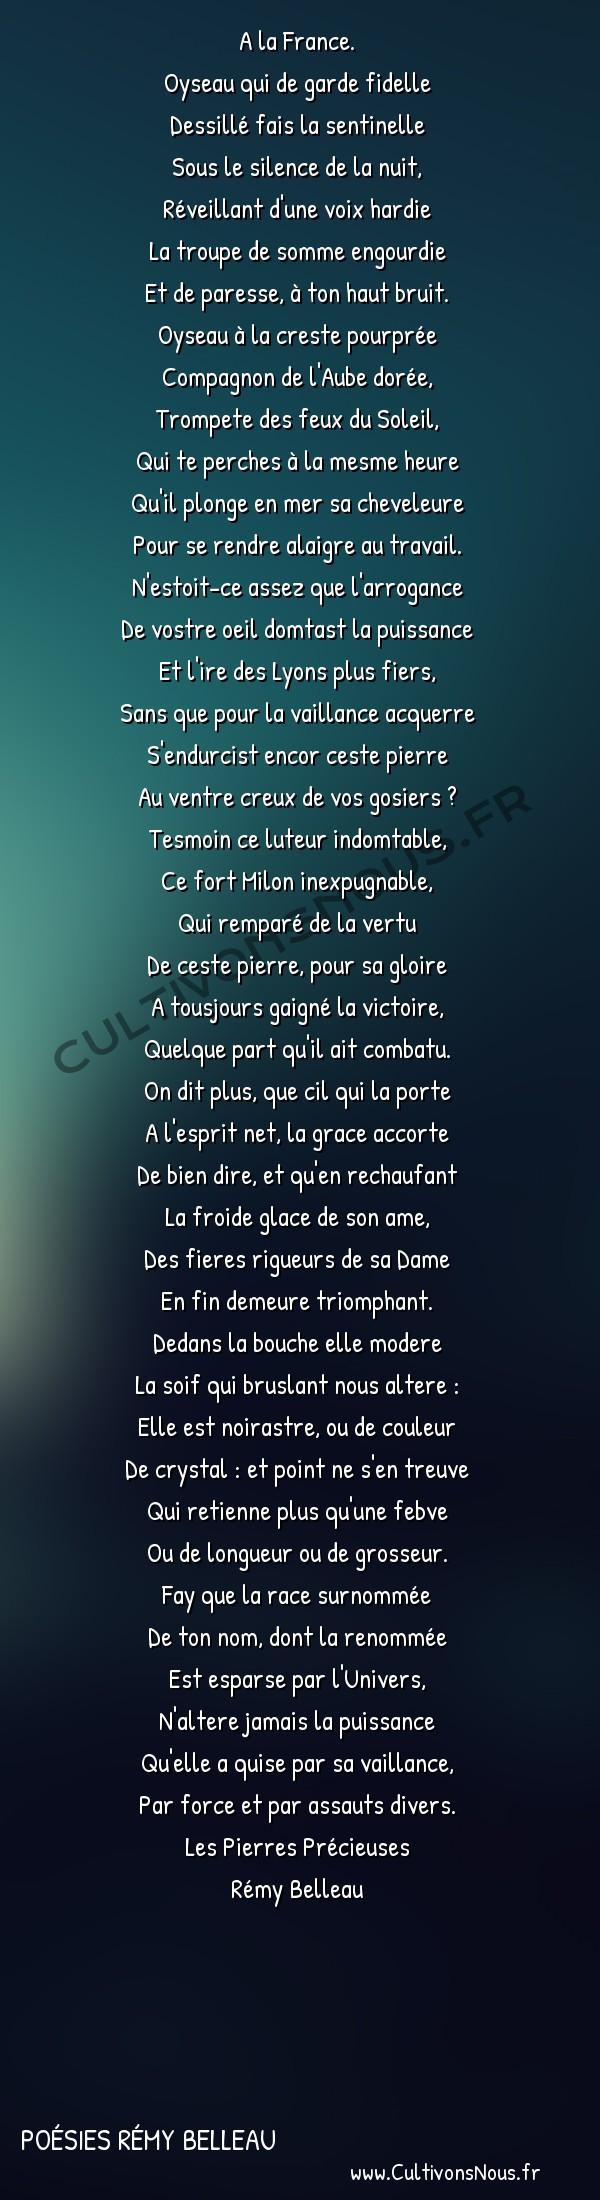 Poésies Rémy Belleau - Les Pierres Précieuses - La pierre du coq -  A la France. Oyseau qui de garde fidelle